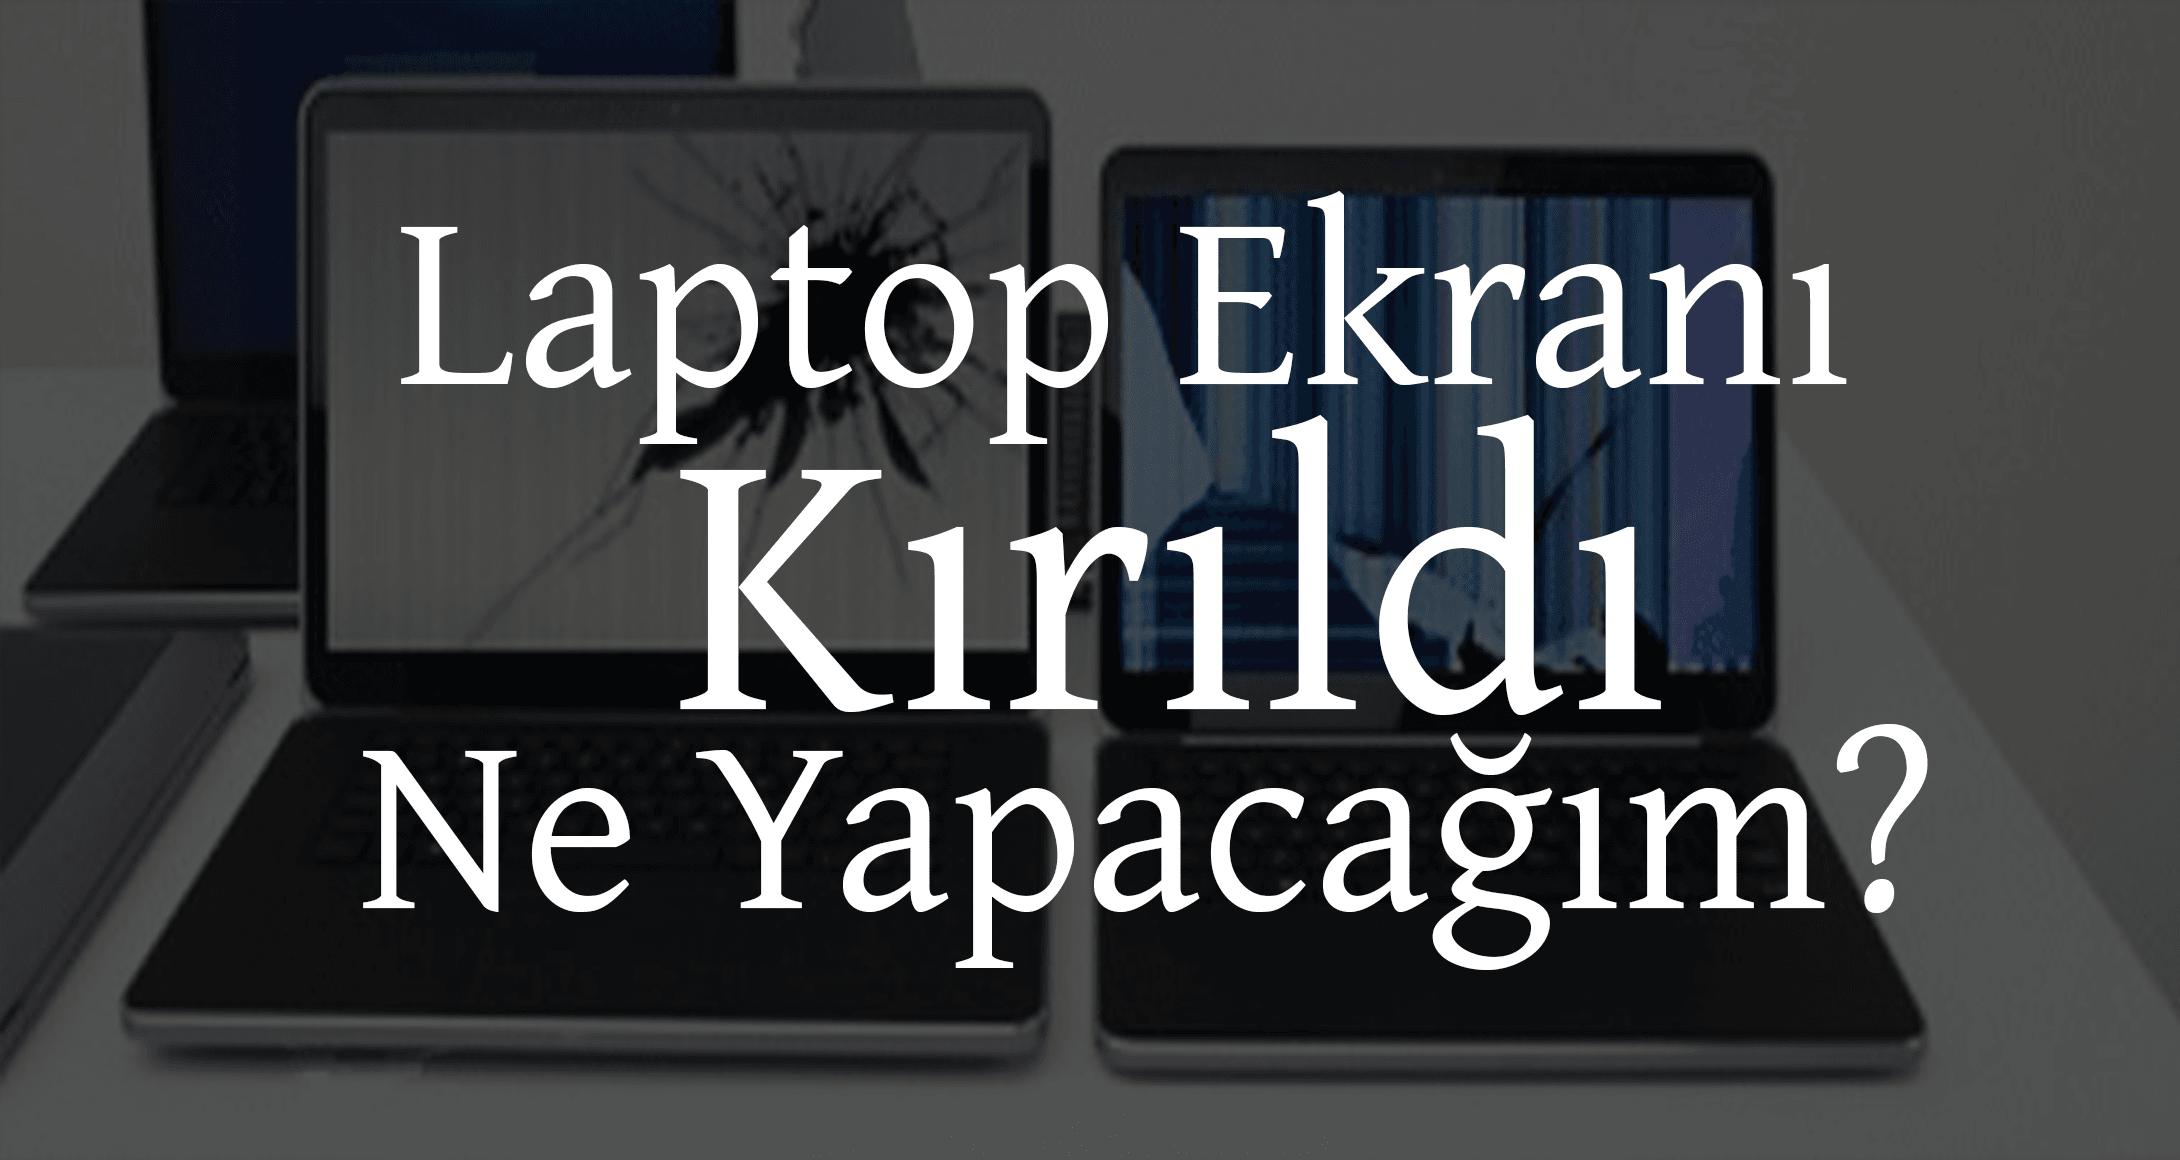 Laptop Ekranı Kırıldı Ne Yapacağım? | Laptop Ekran Değişimi Nasıl Yapılır?